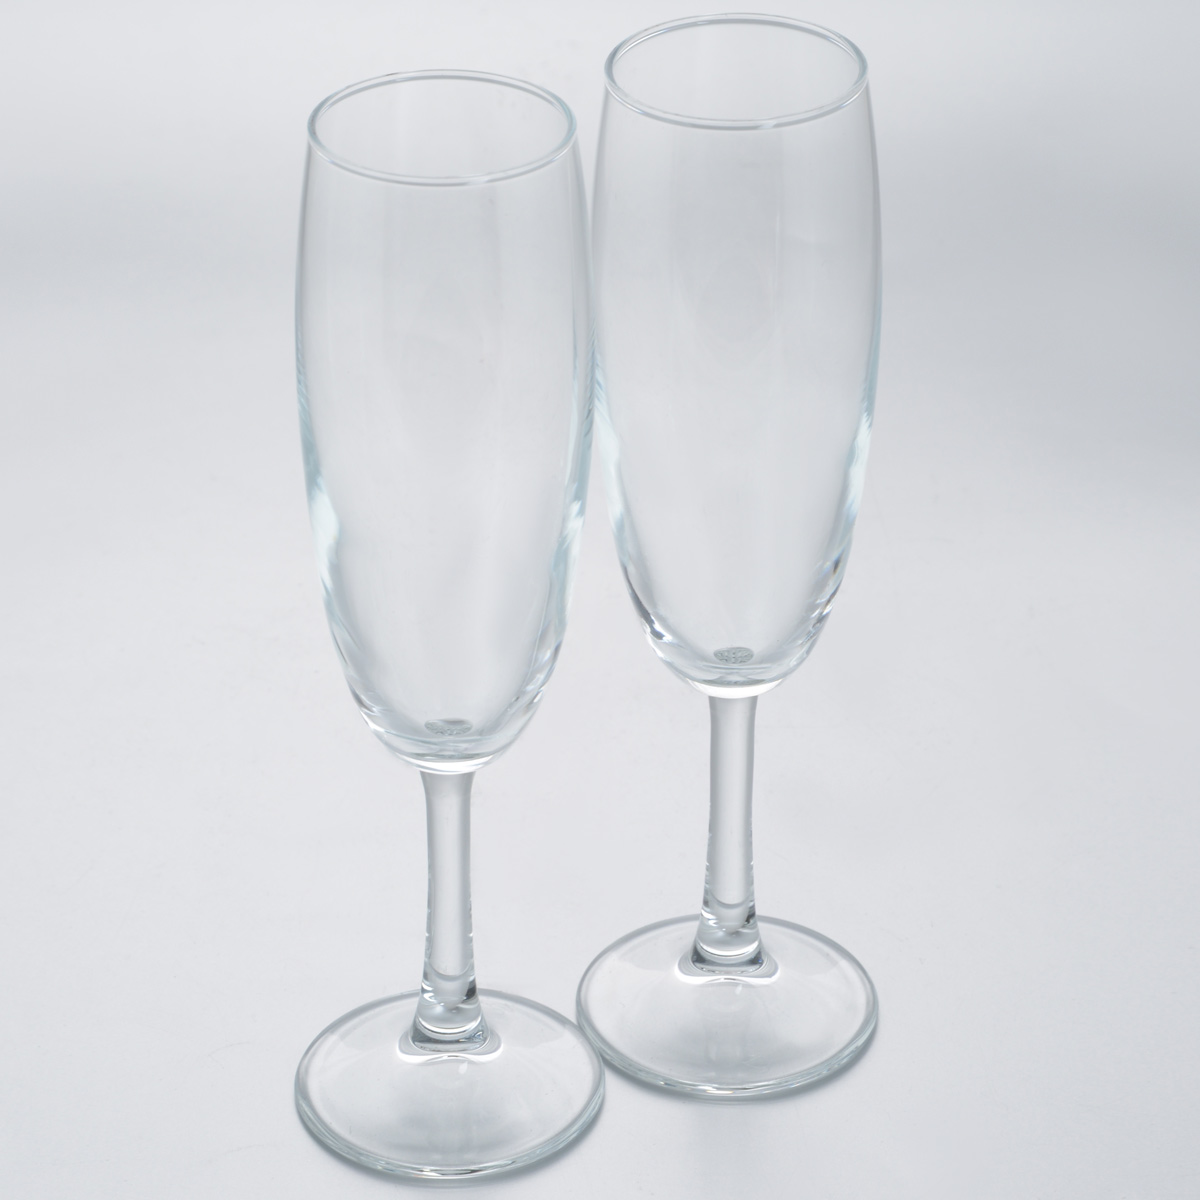 Набор бокалов Pasabahce Classique, 215 мл, 2 шт440150BНабор Pasabahce Classique состоит из двух высоких бокалов, выполненных из прочного натрий-кальций-силикатного стекла.Изделия оснащены высокими ножками.. Бокалы предназначены дляподачи шампанского или вина.Набор бокалов Pasabahce прекрасно оформит праздничный стол и станет хорошим подарком к любому случаю. Можно мыть в посудомоечной машине. Диаметр бокала (по верхнему краю): 4,9 см. Высота бокала: 21,8 см.